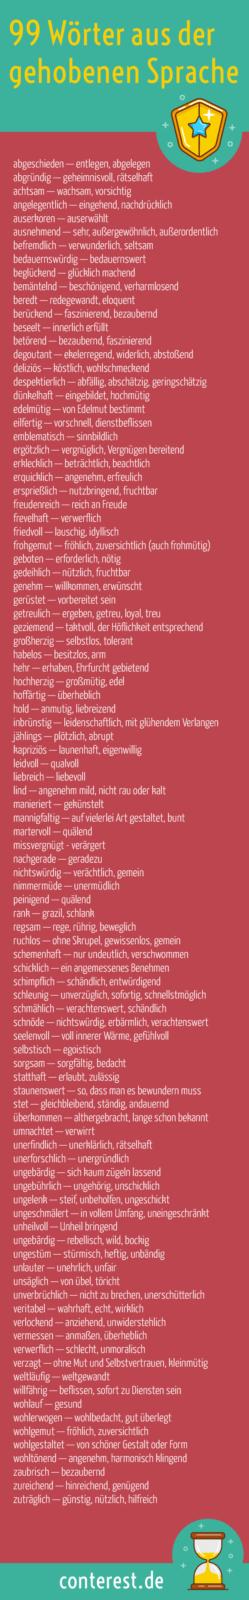 Wortliste gehobene Sprache